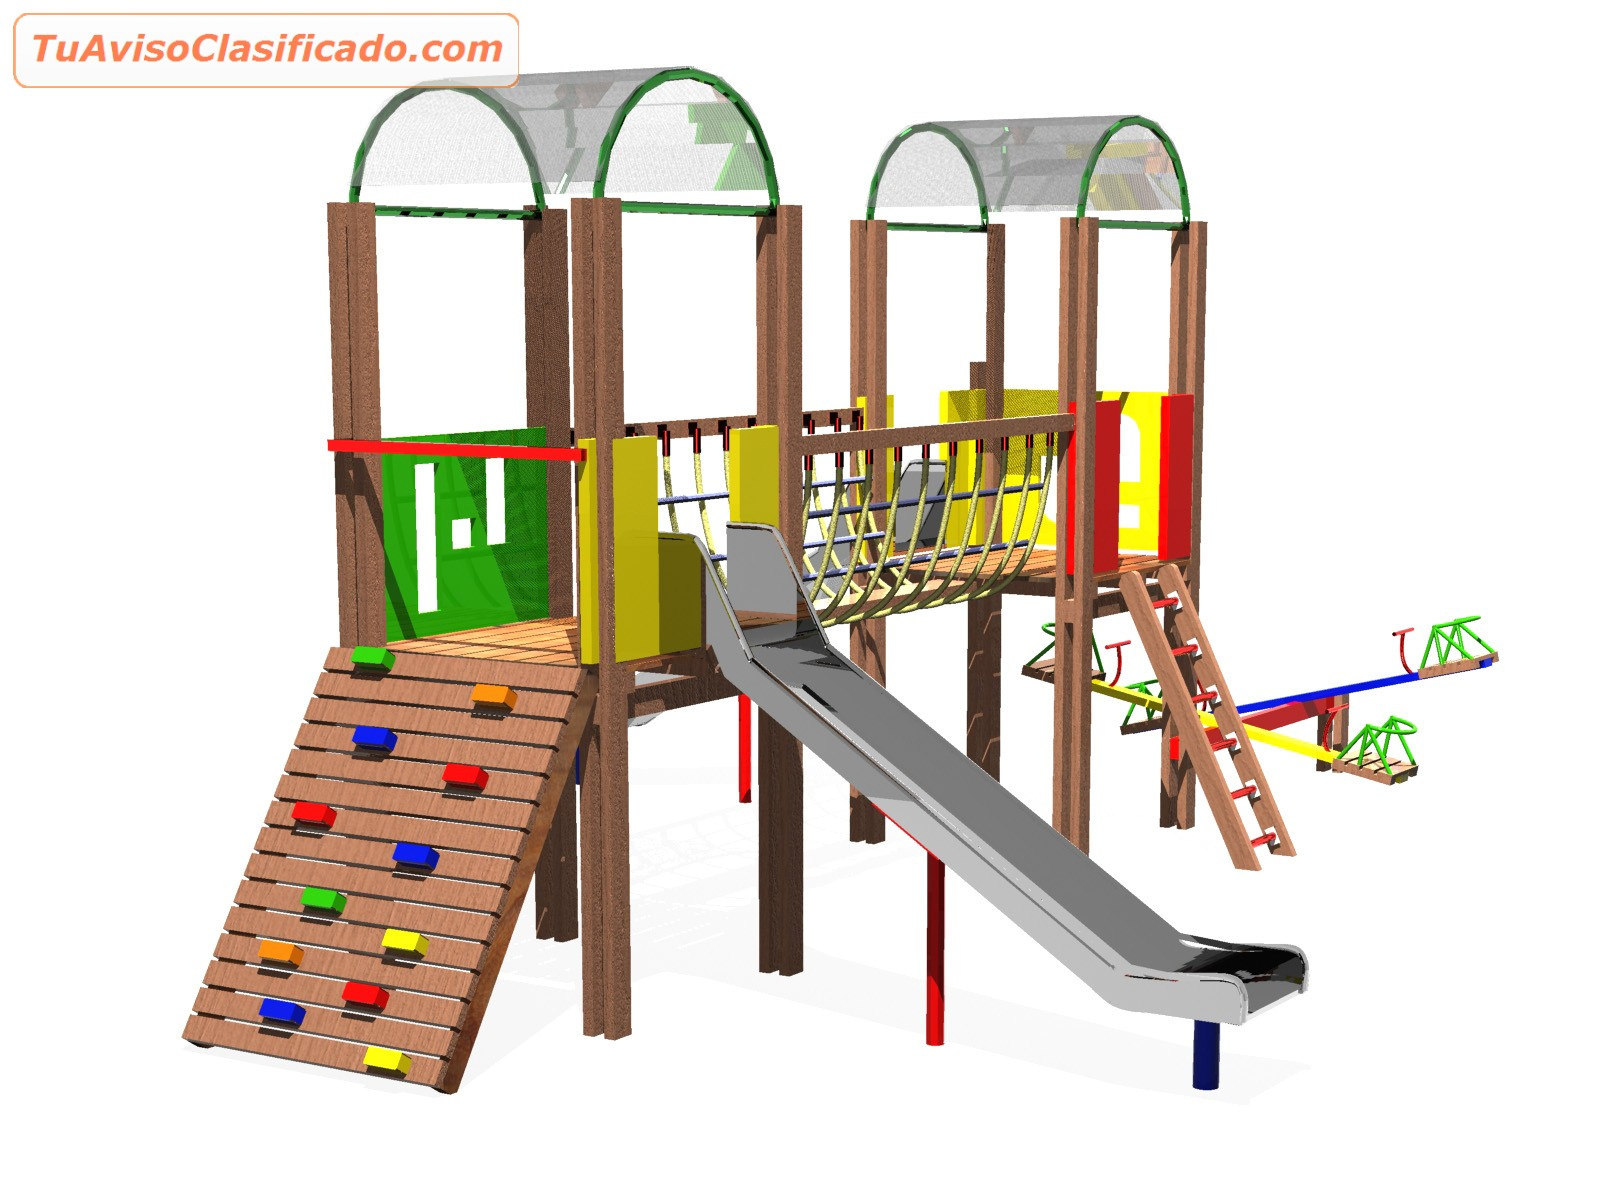 Meilleures id es cr atives pour la conception de la maison for Juegos de jardin infantiles de madera